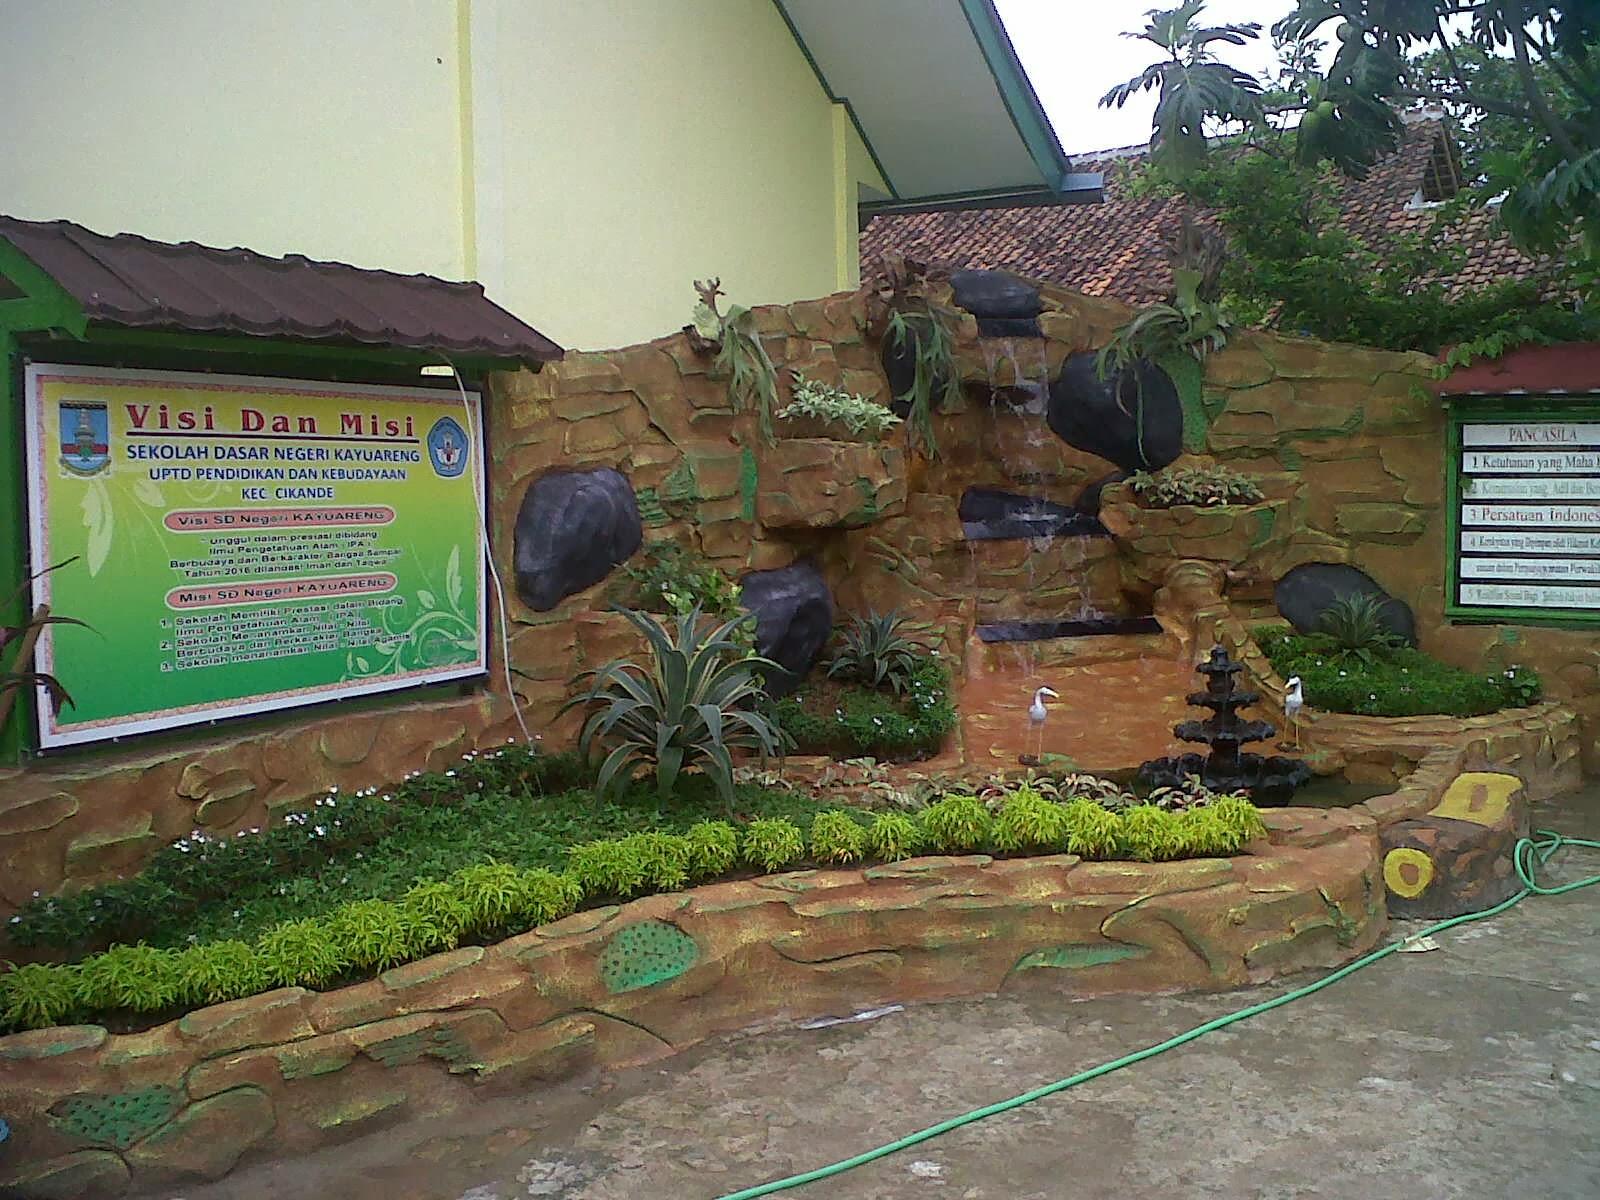 Sekolah Dasar Negeri Kayu Areng Taman Sekolah